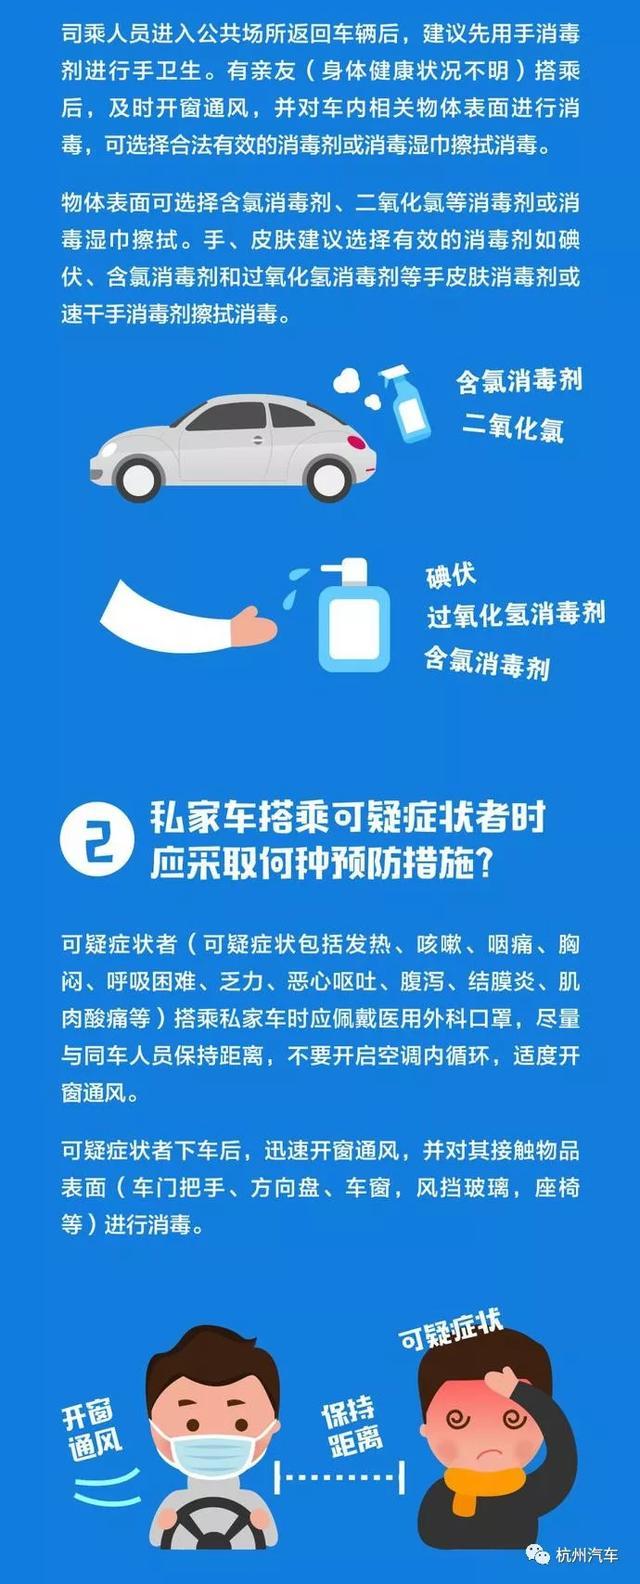 私家车如何预防新冠肺炎?中国疾控中心提示:私家车预防